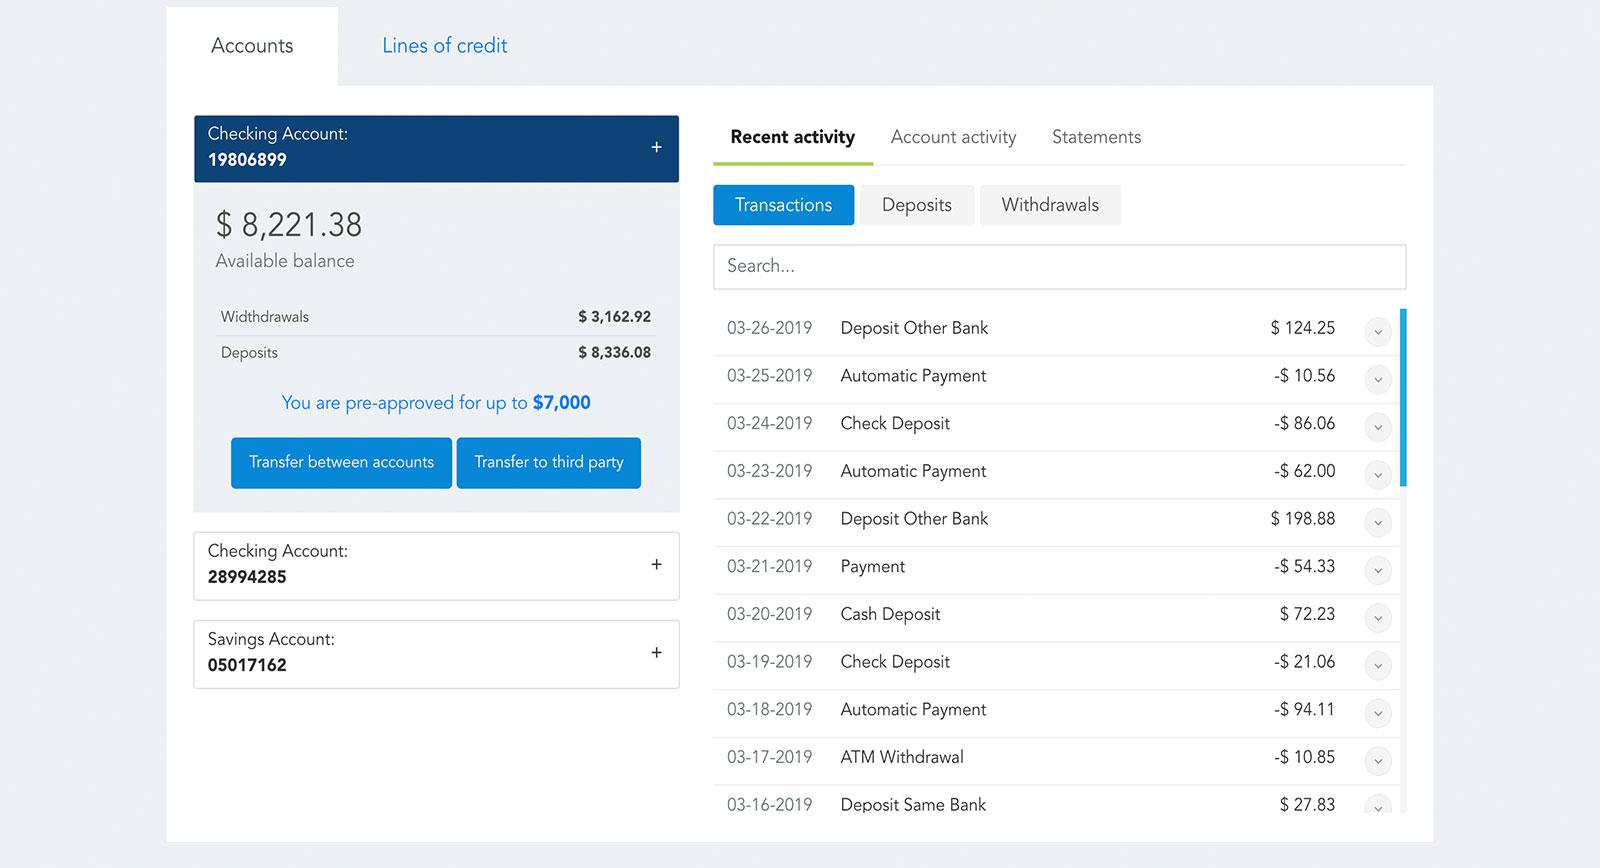 Widget bancario de Modyo para resumen de las cuentas